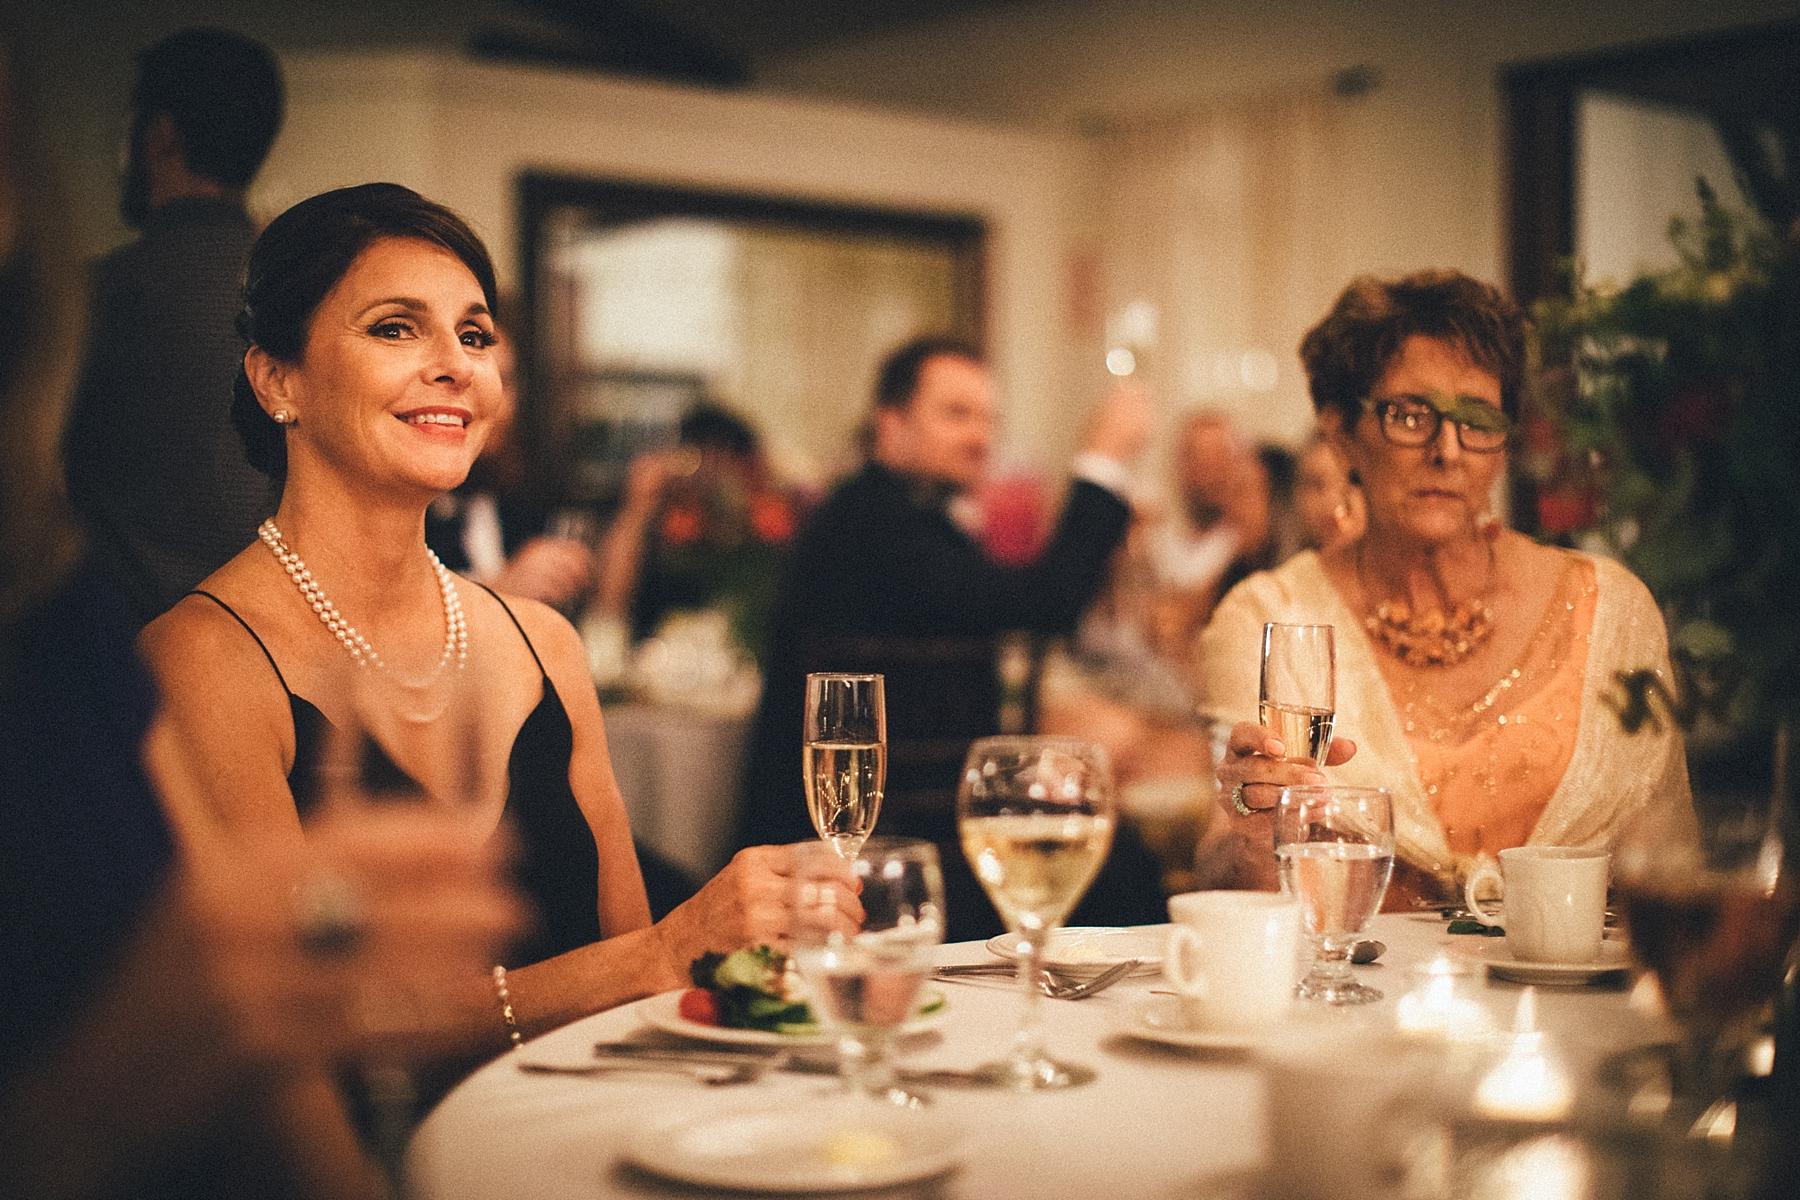 childhood-home-wedding-new-hope-pa-lambertville-nj_0084.jpg